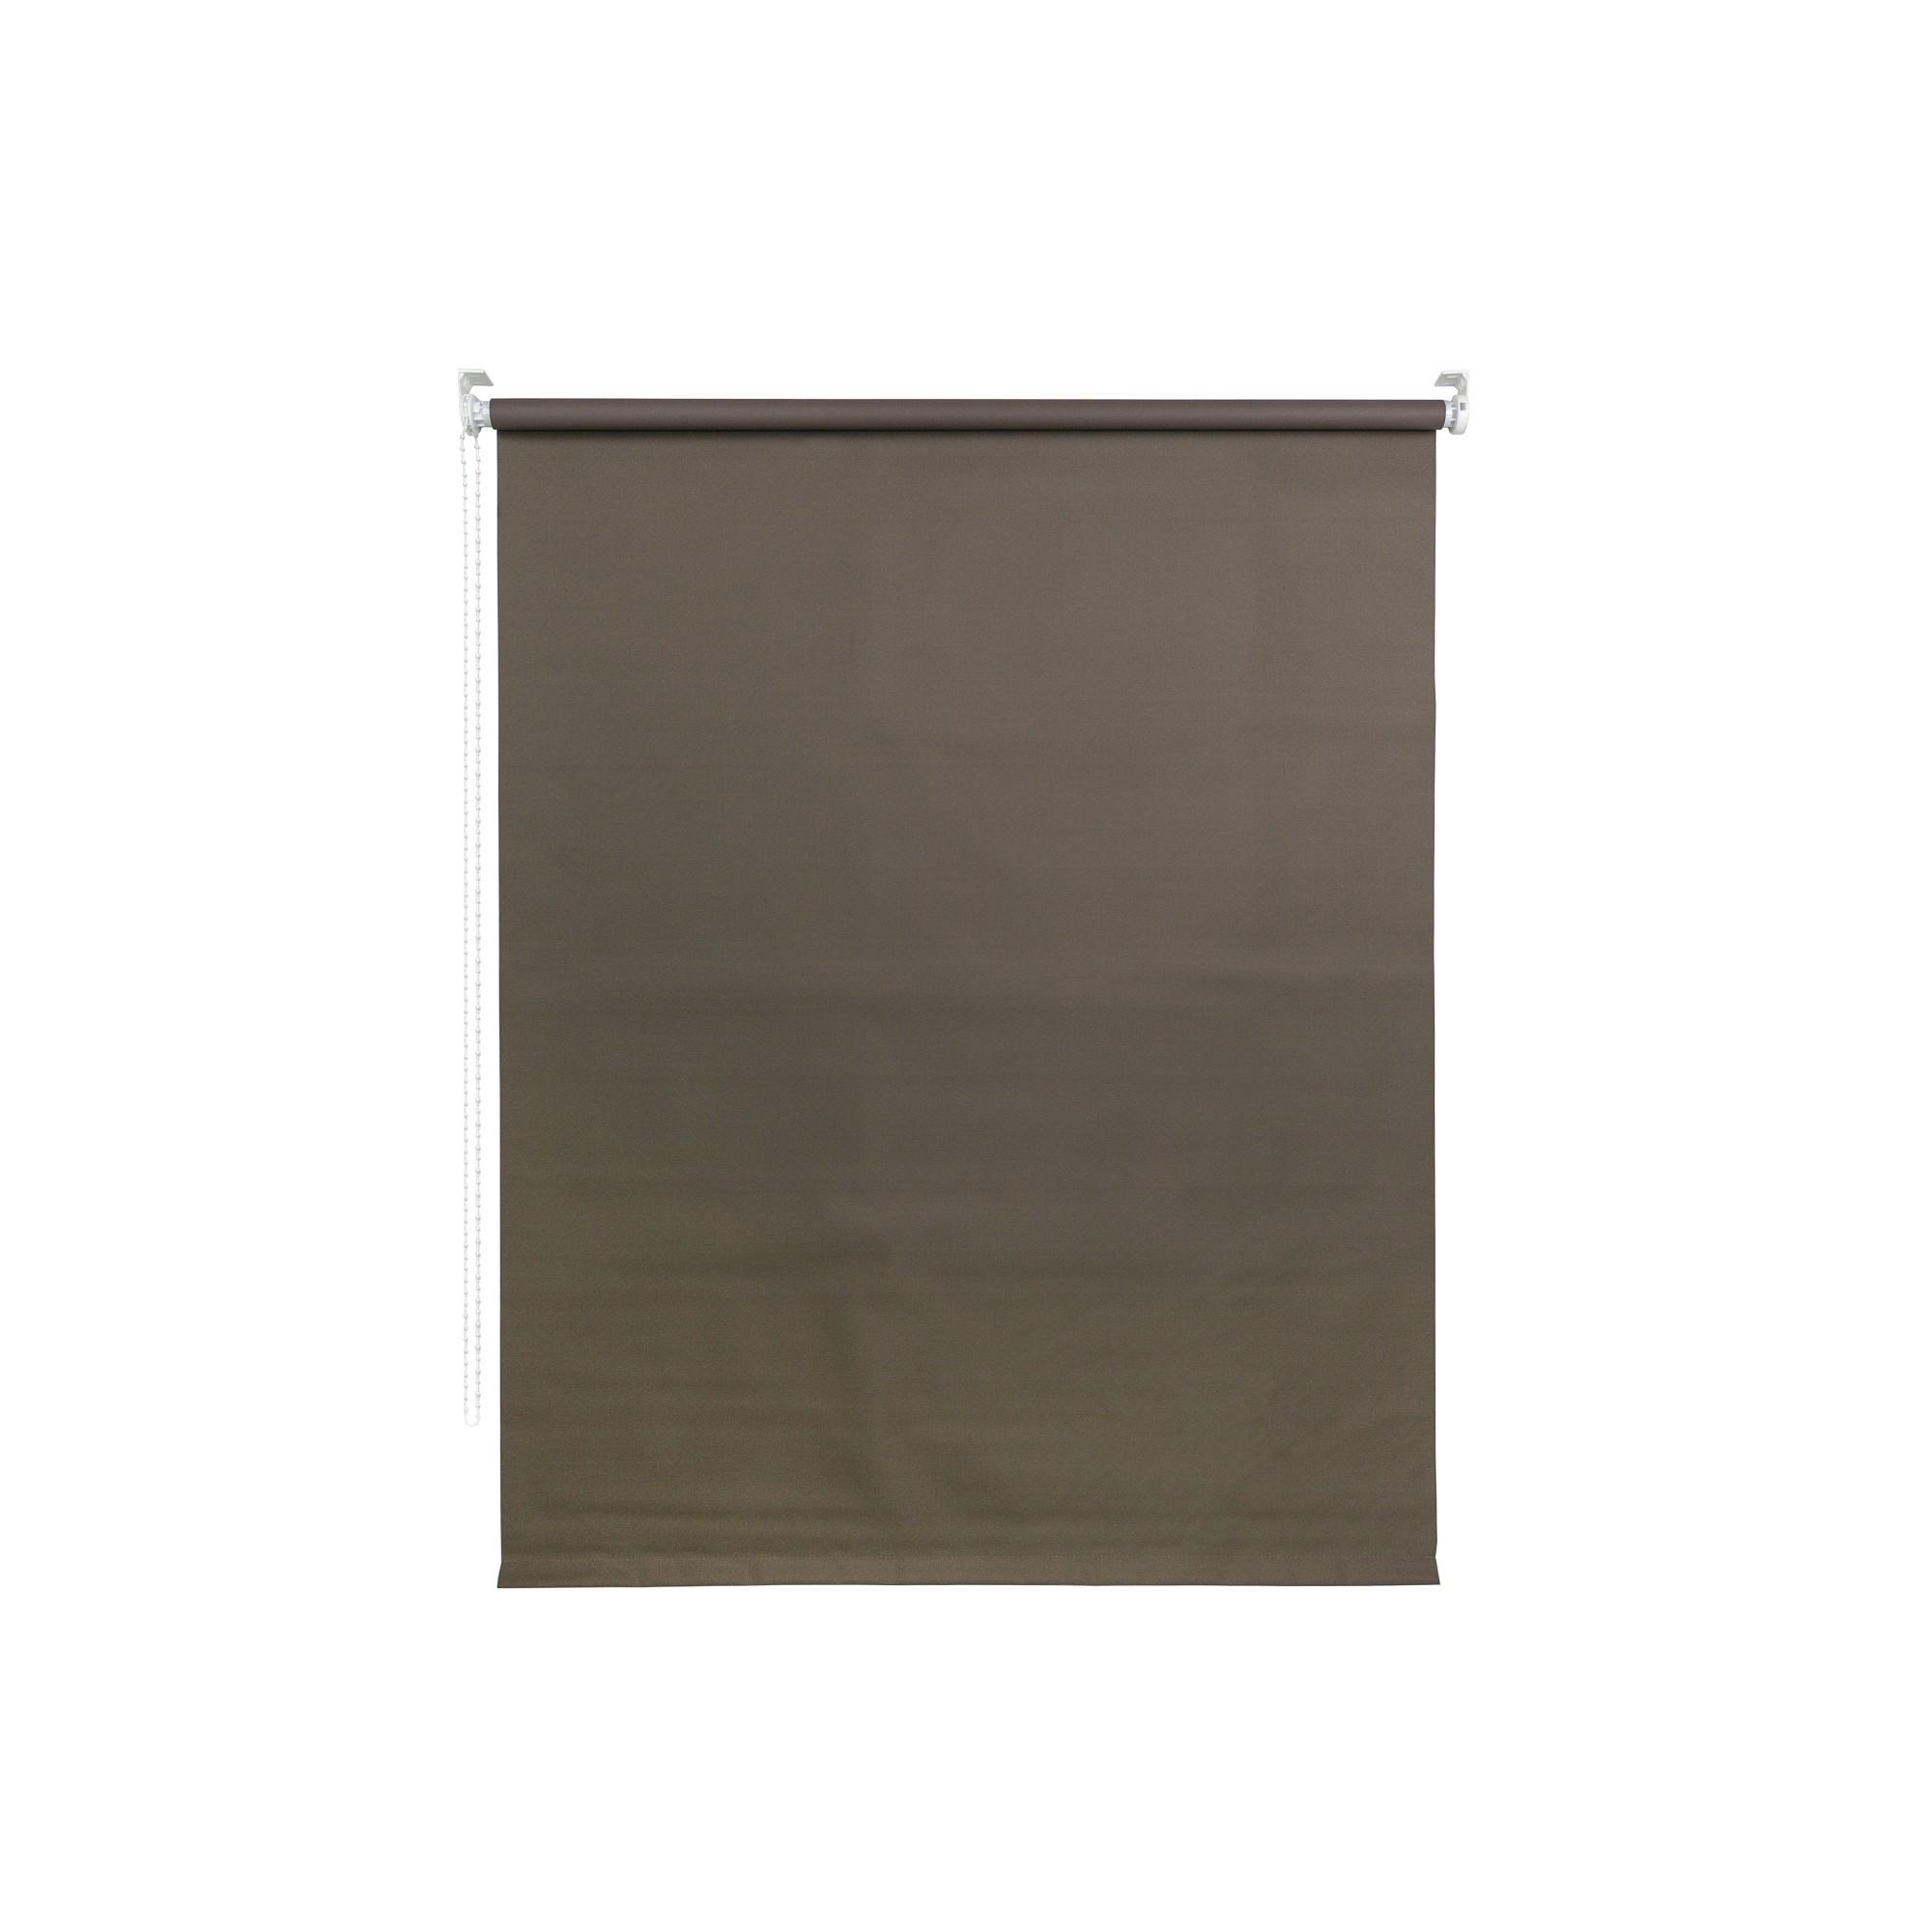 Persiana Rolo Poliester 160x170 cm Marrom D45-3 - Jolie